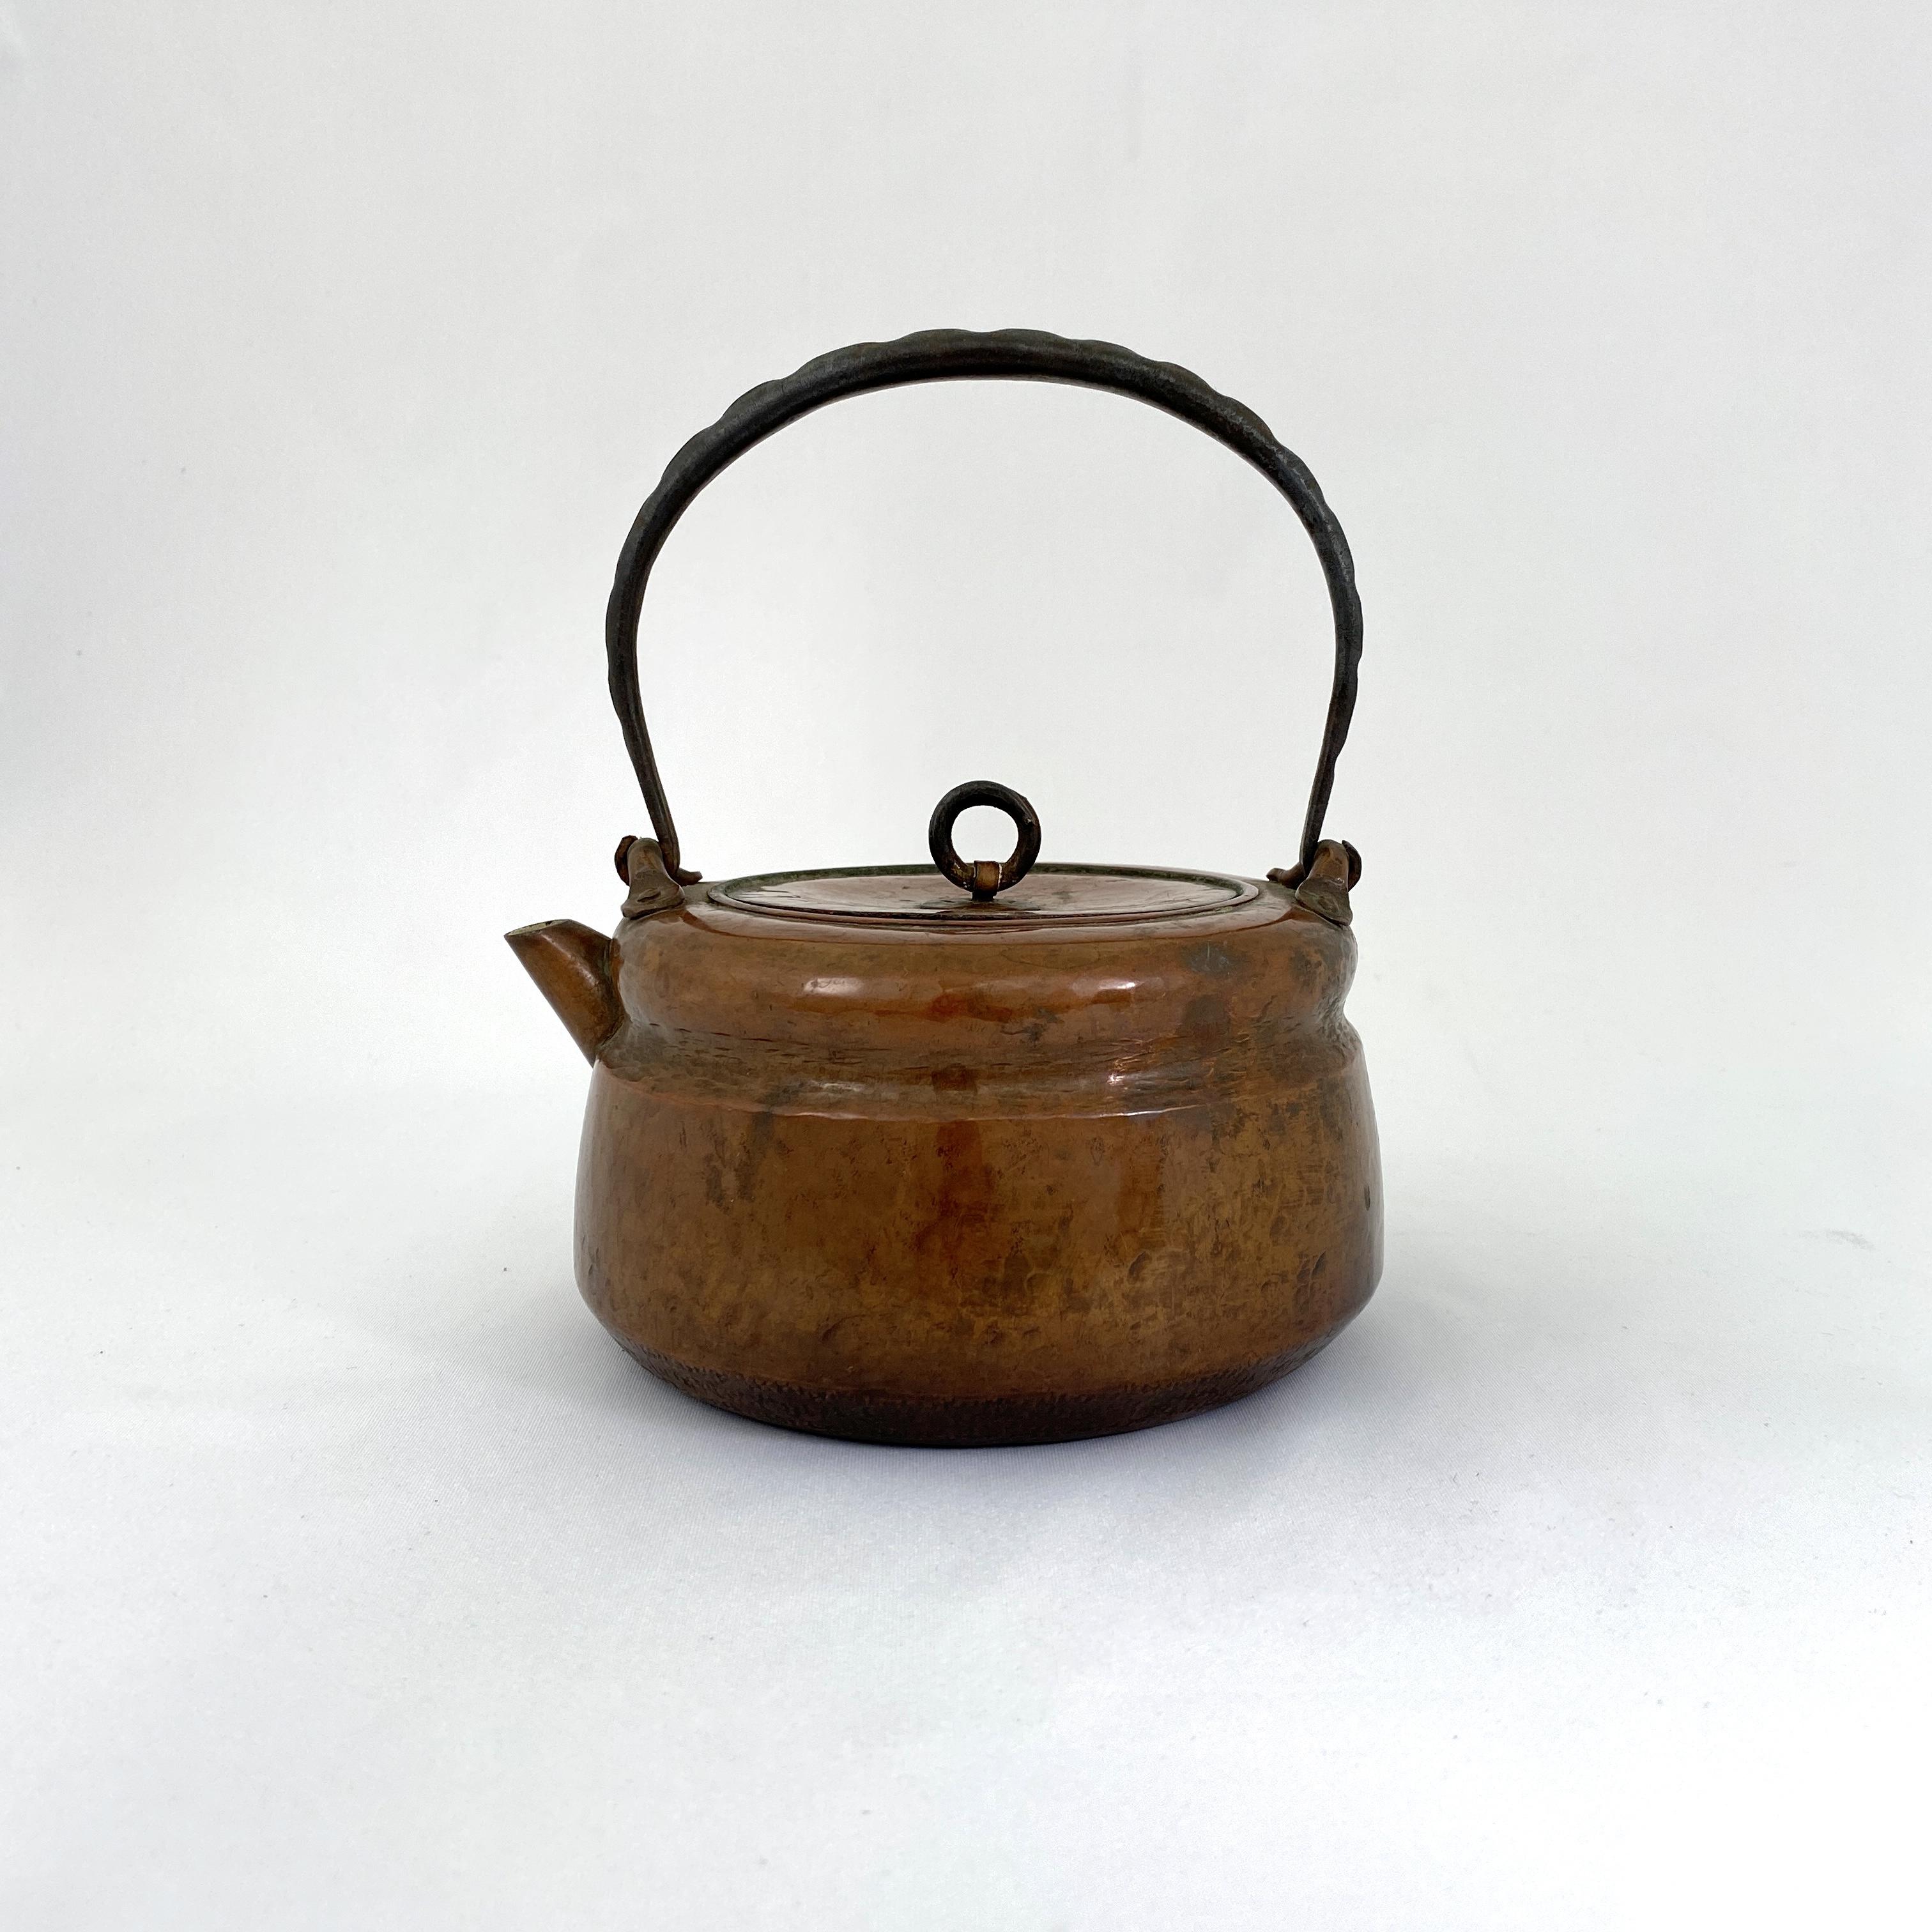 10163真鍋系 銅一塊打出鉄手 湯沸